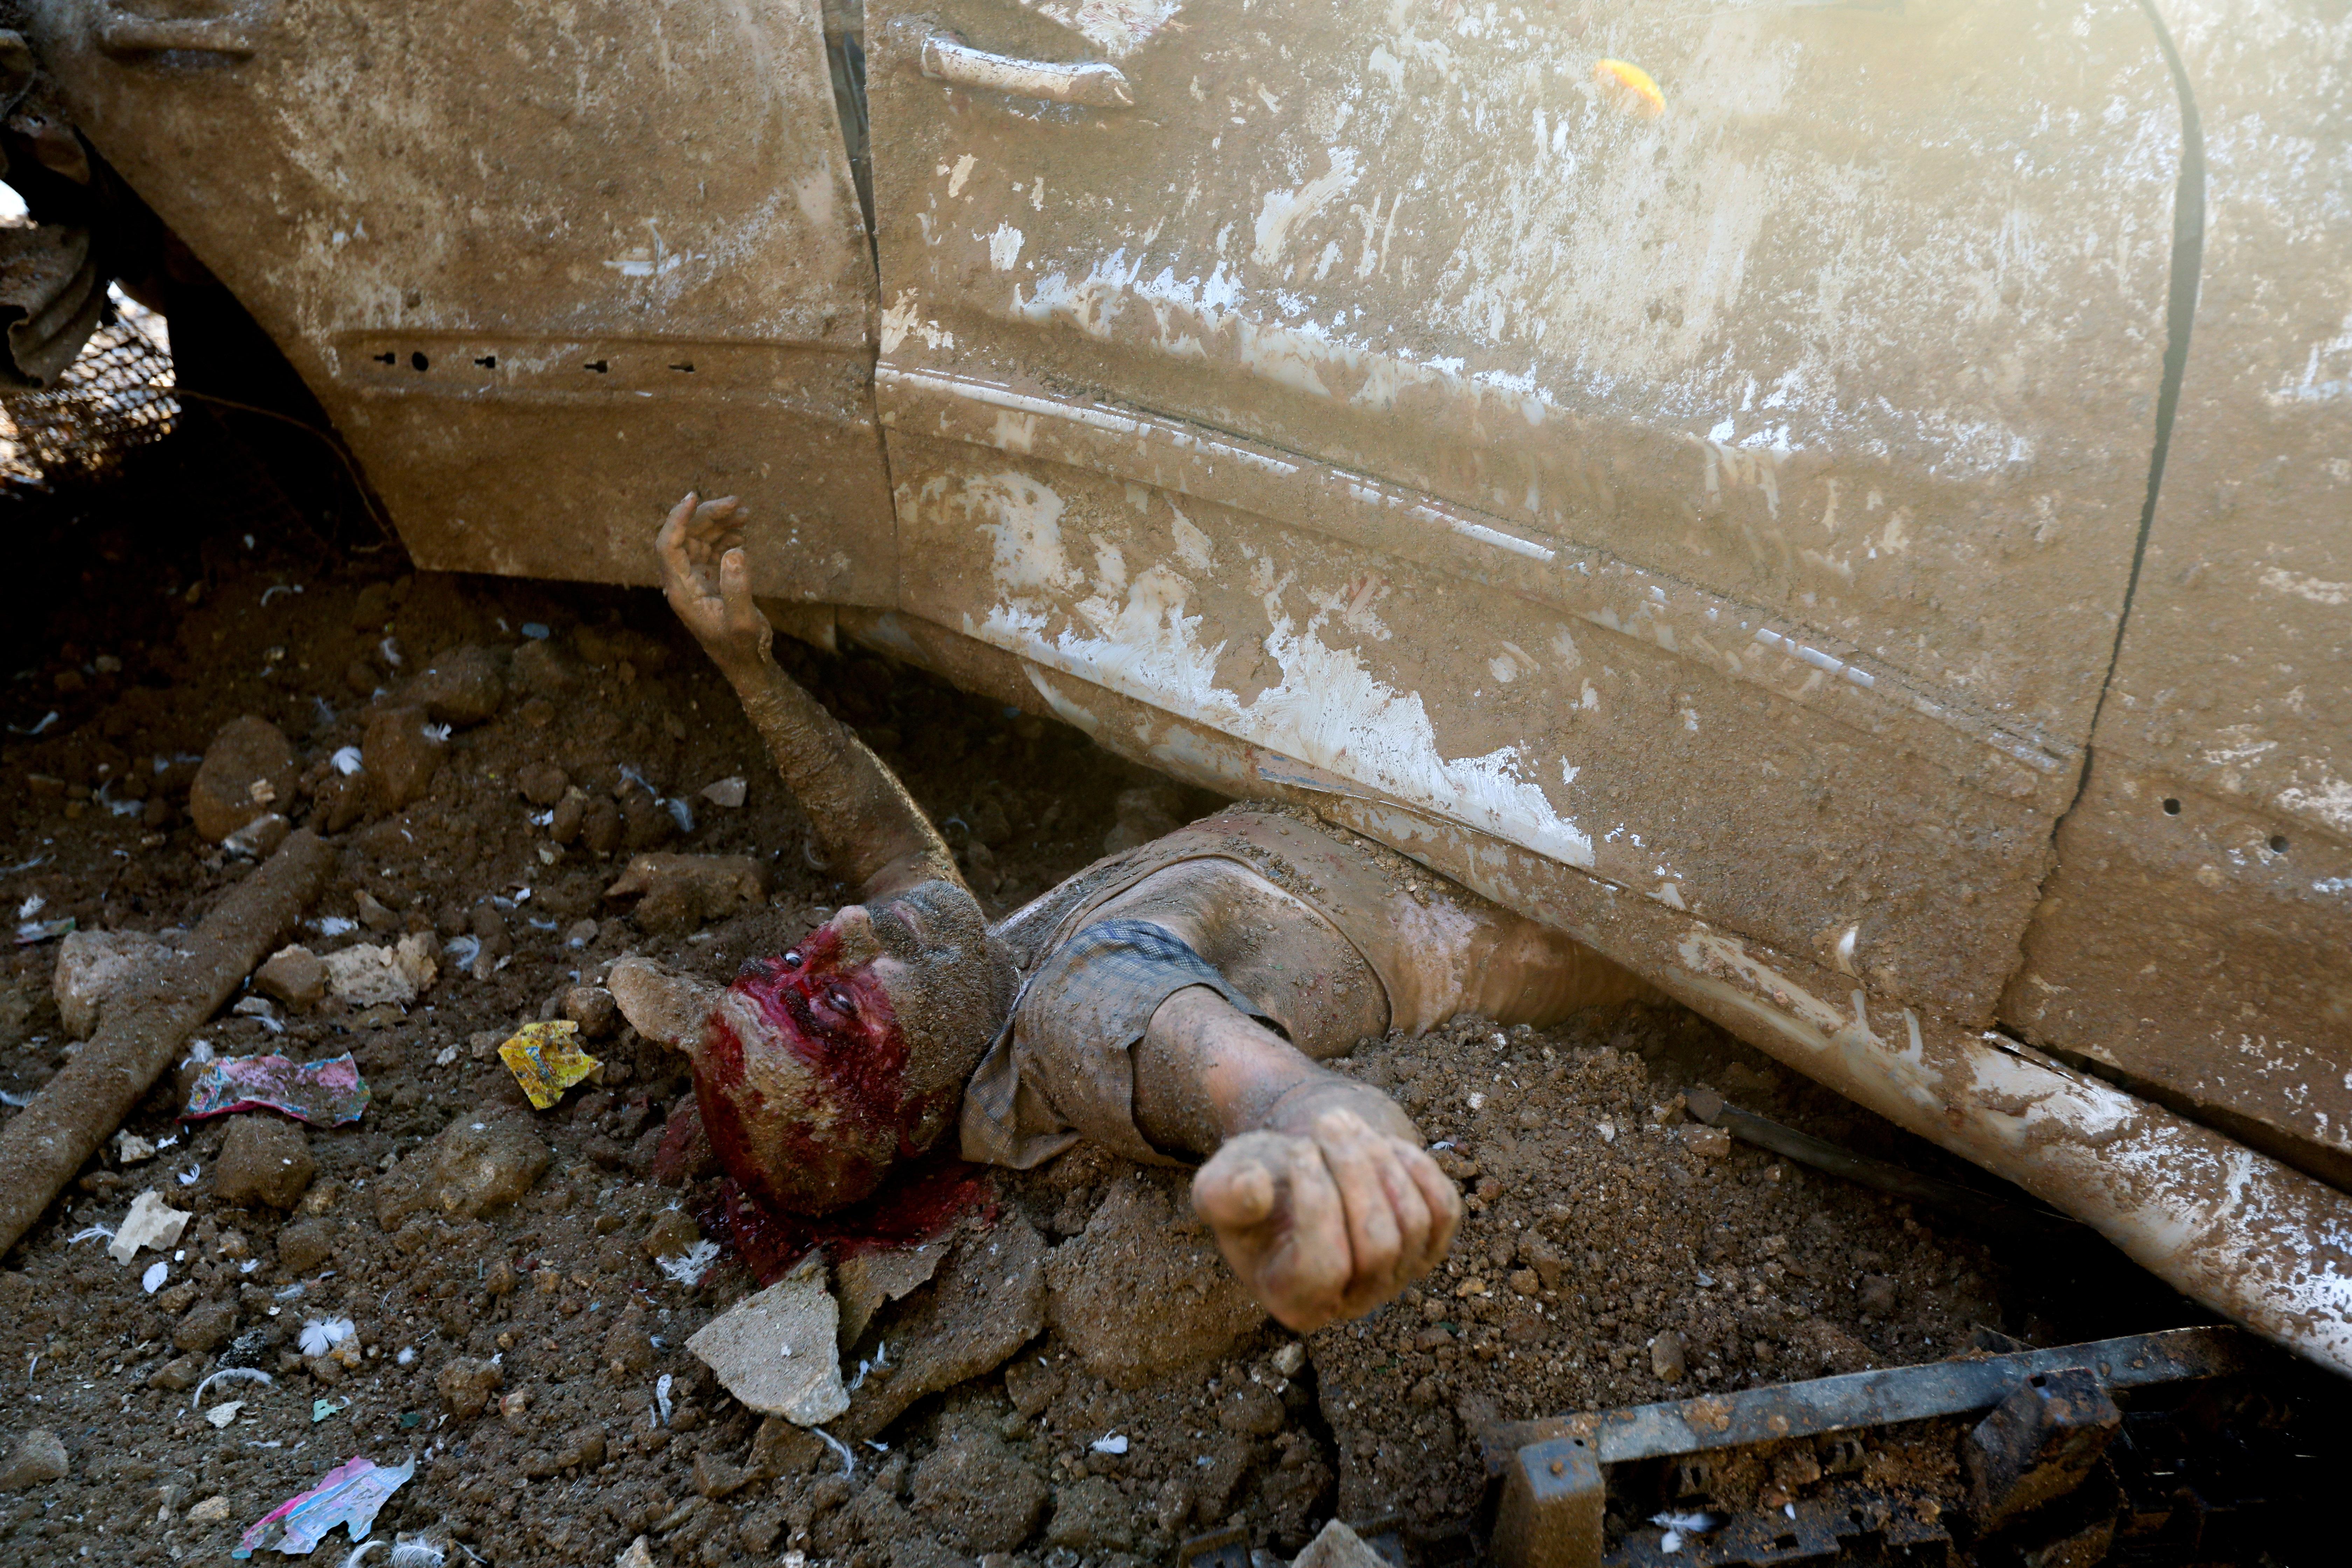 الضحية كان عالقا تحت سيارة مدمرة.